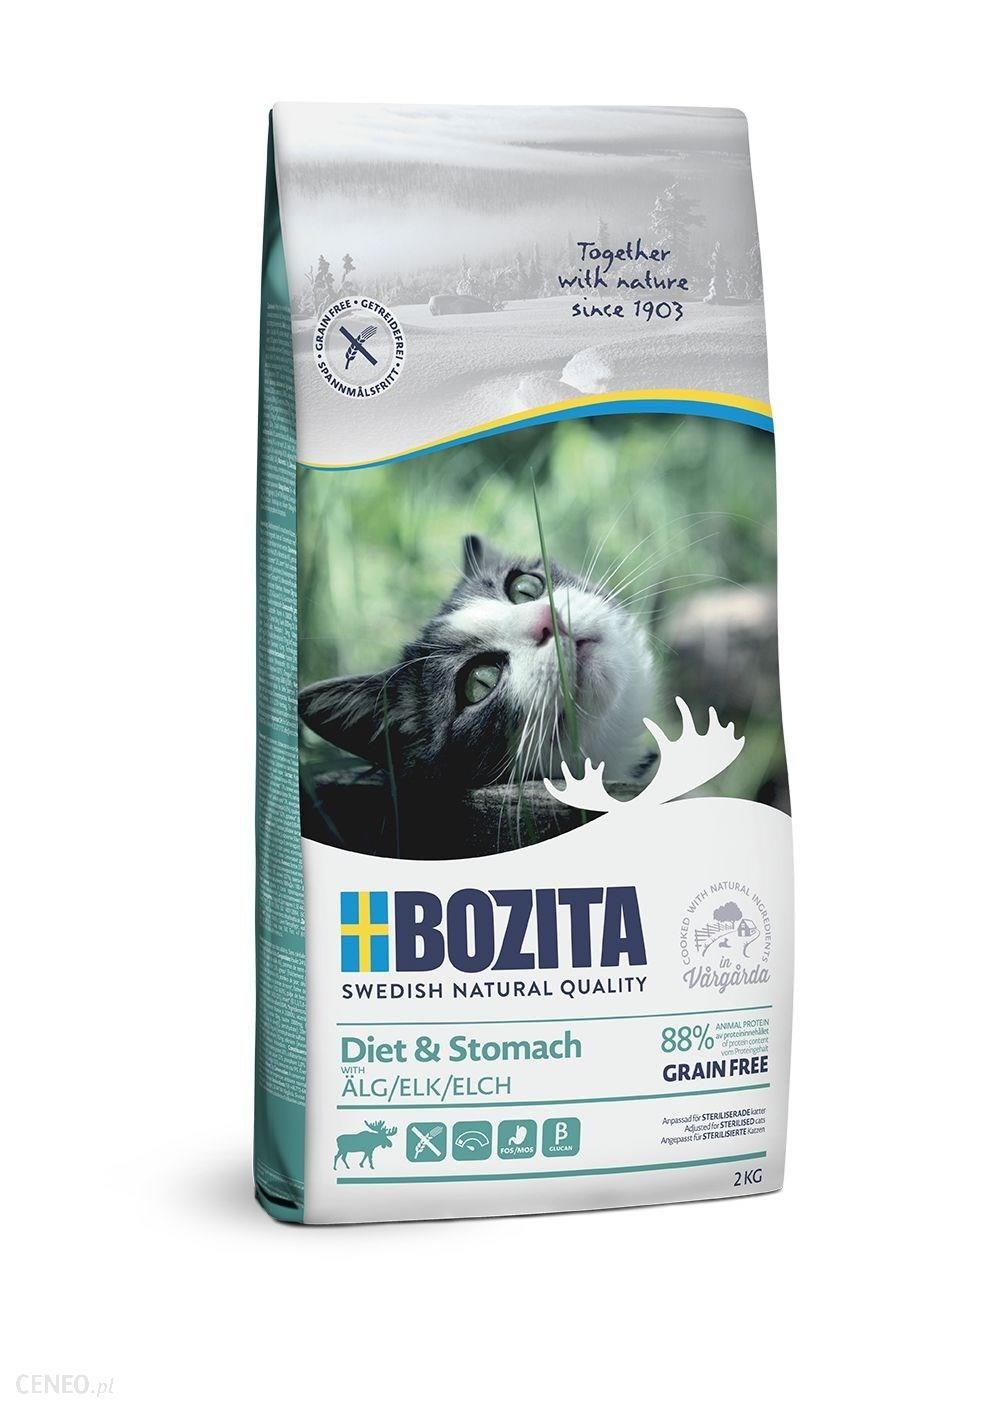 BOZITA Diet & Stomach Grain free Łoś 2kg